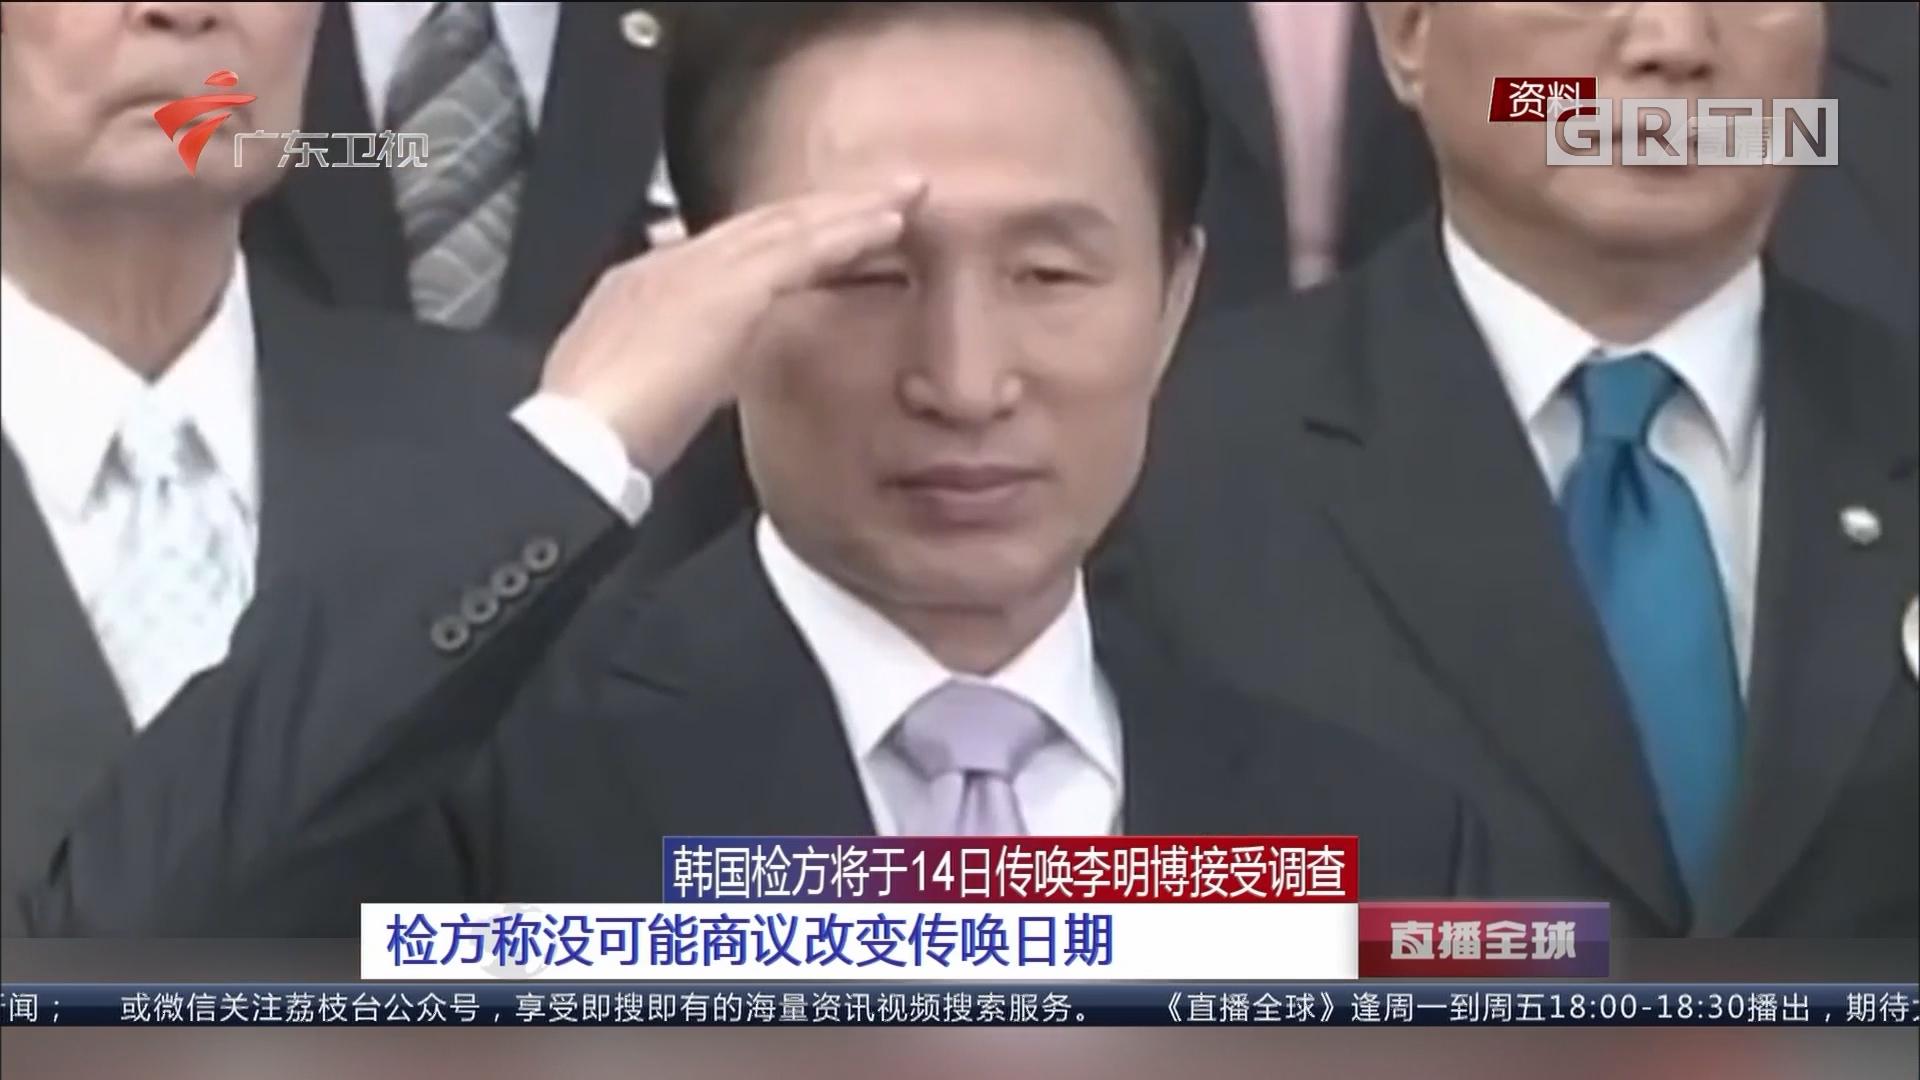 韩国检方将于14日传唤李明博接受调查:检方称没可能商议改变传唤日期